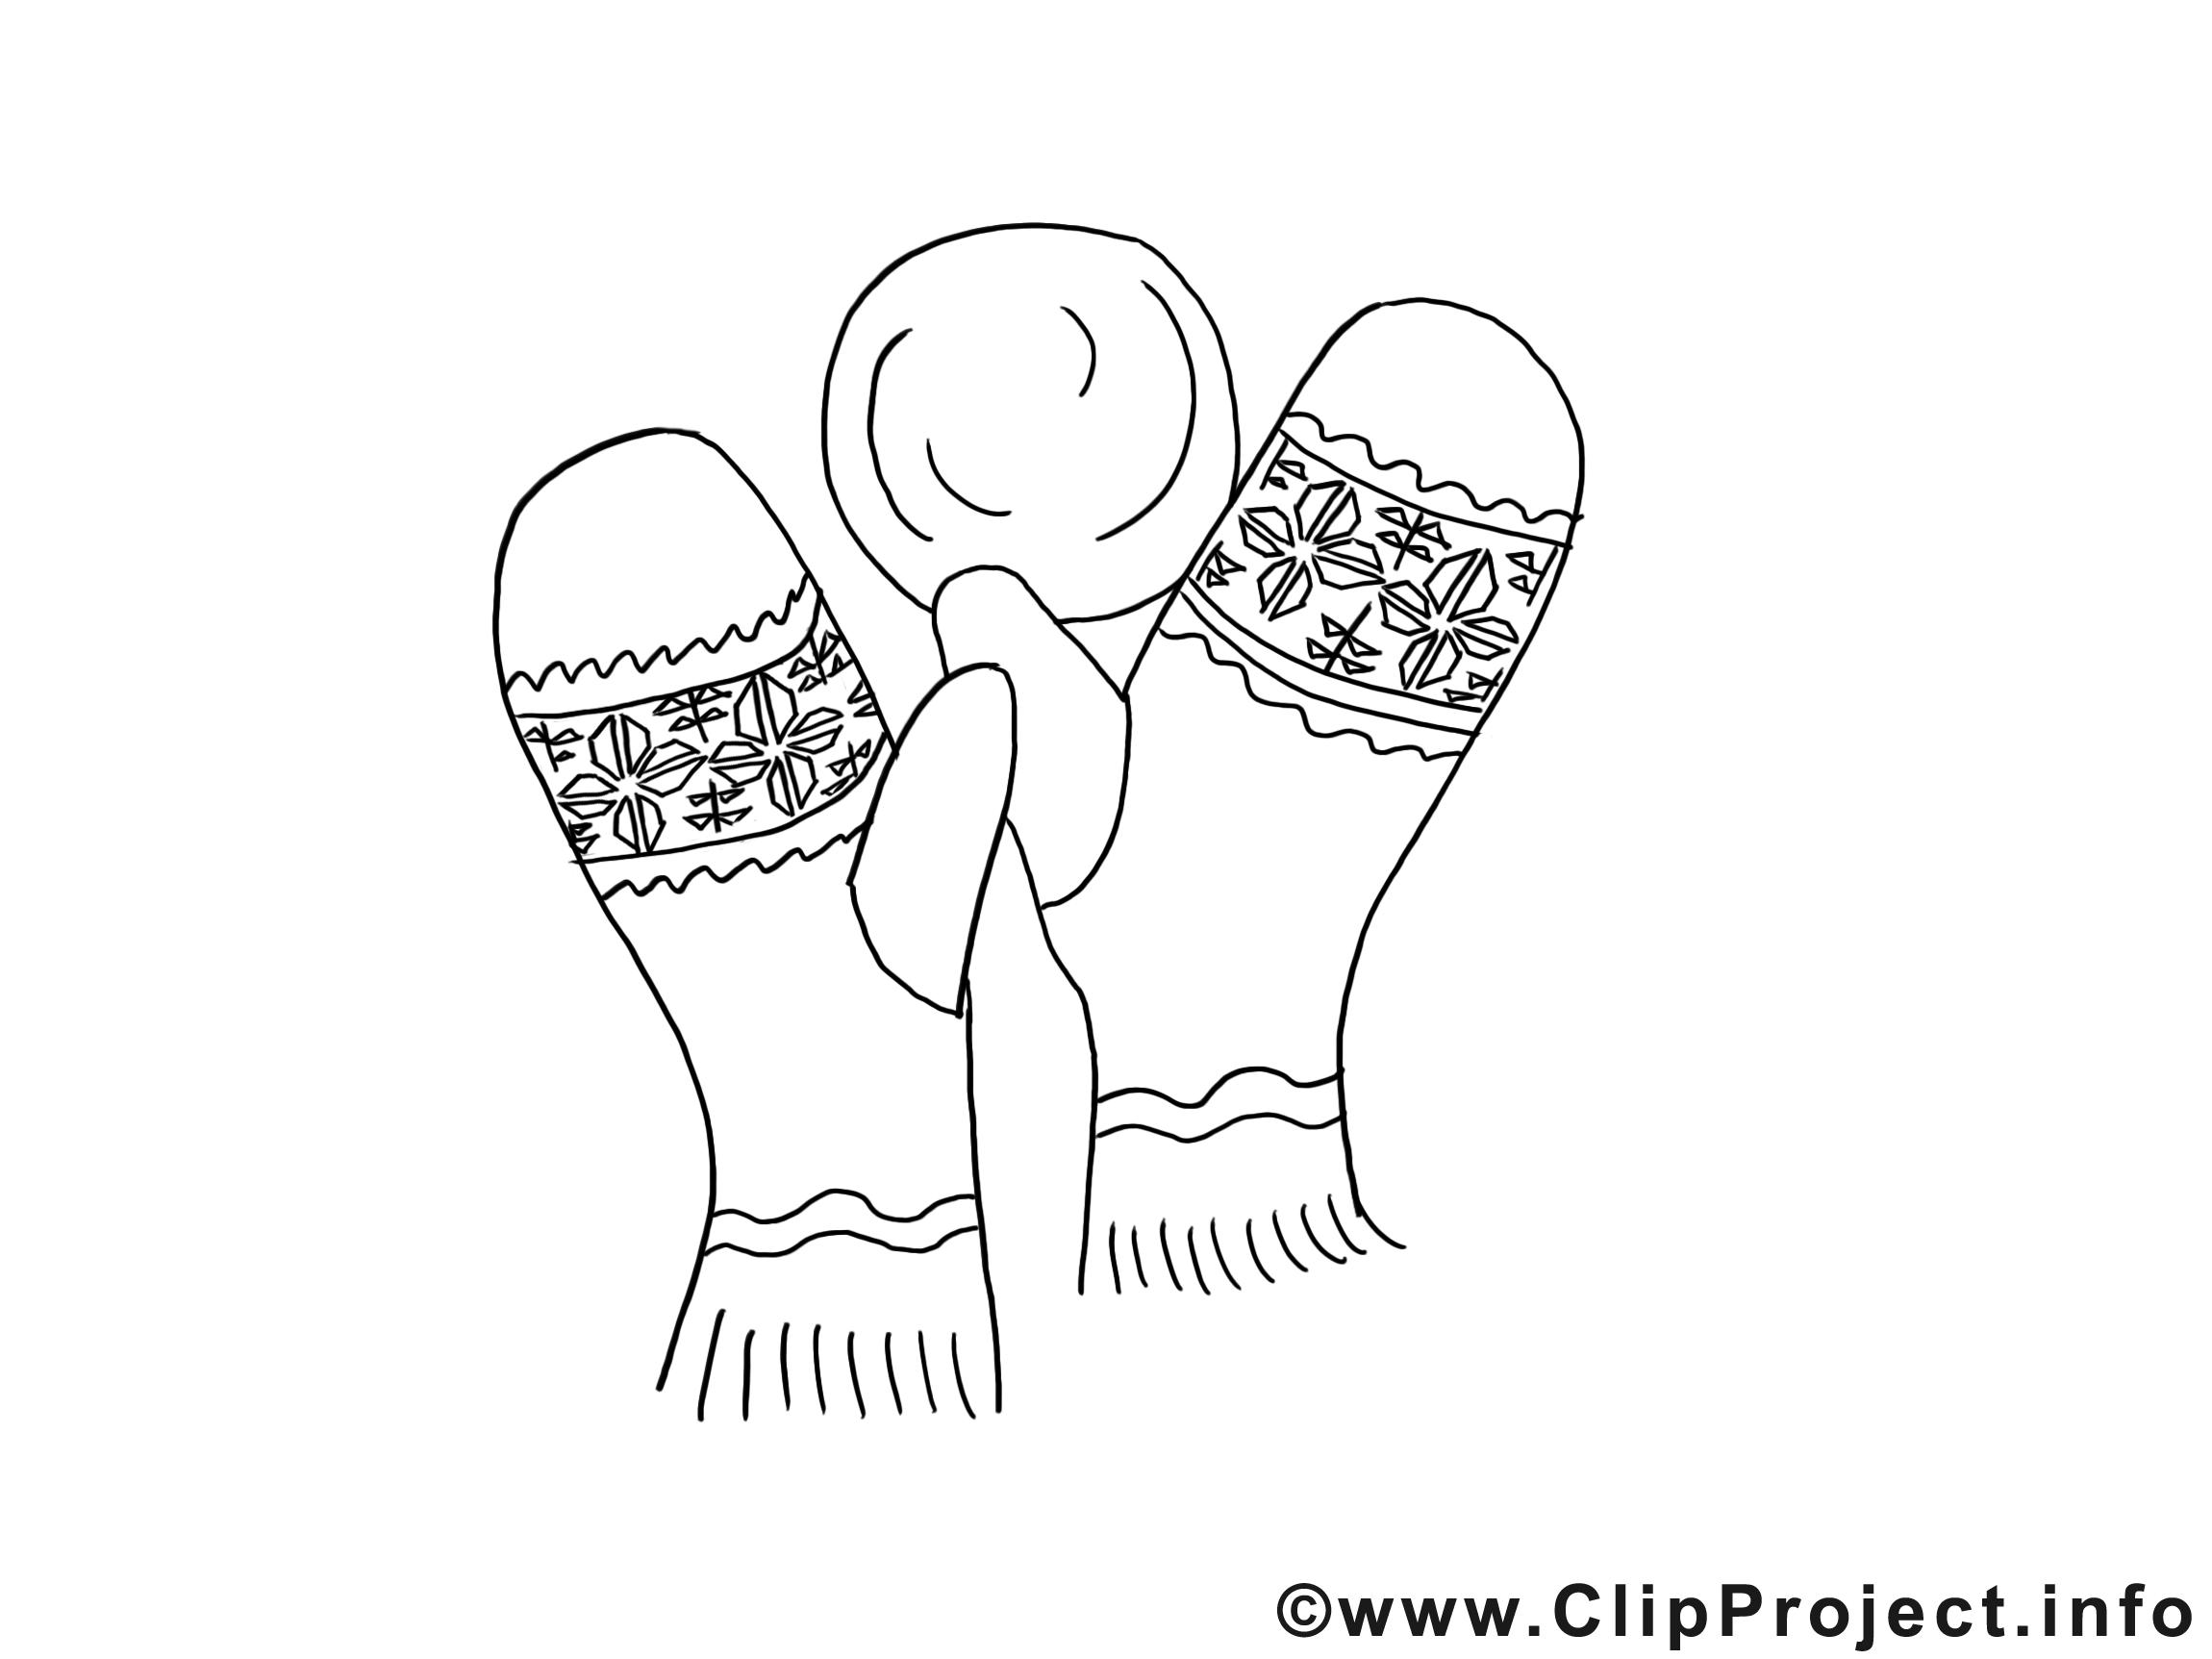 Moufles images gratuites – Noël à colorier